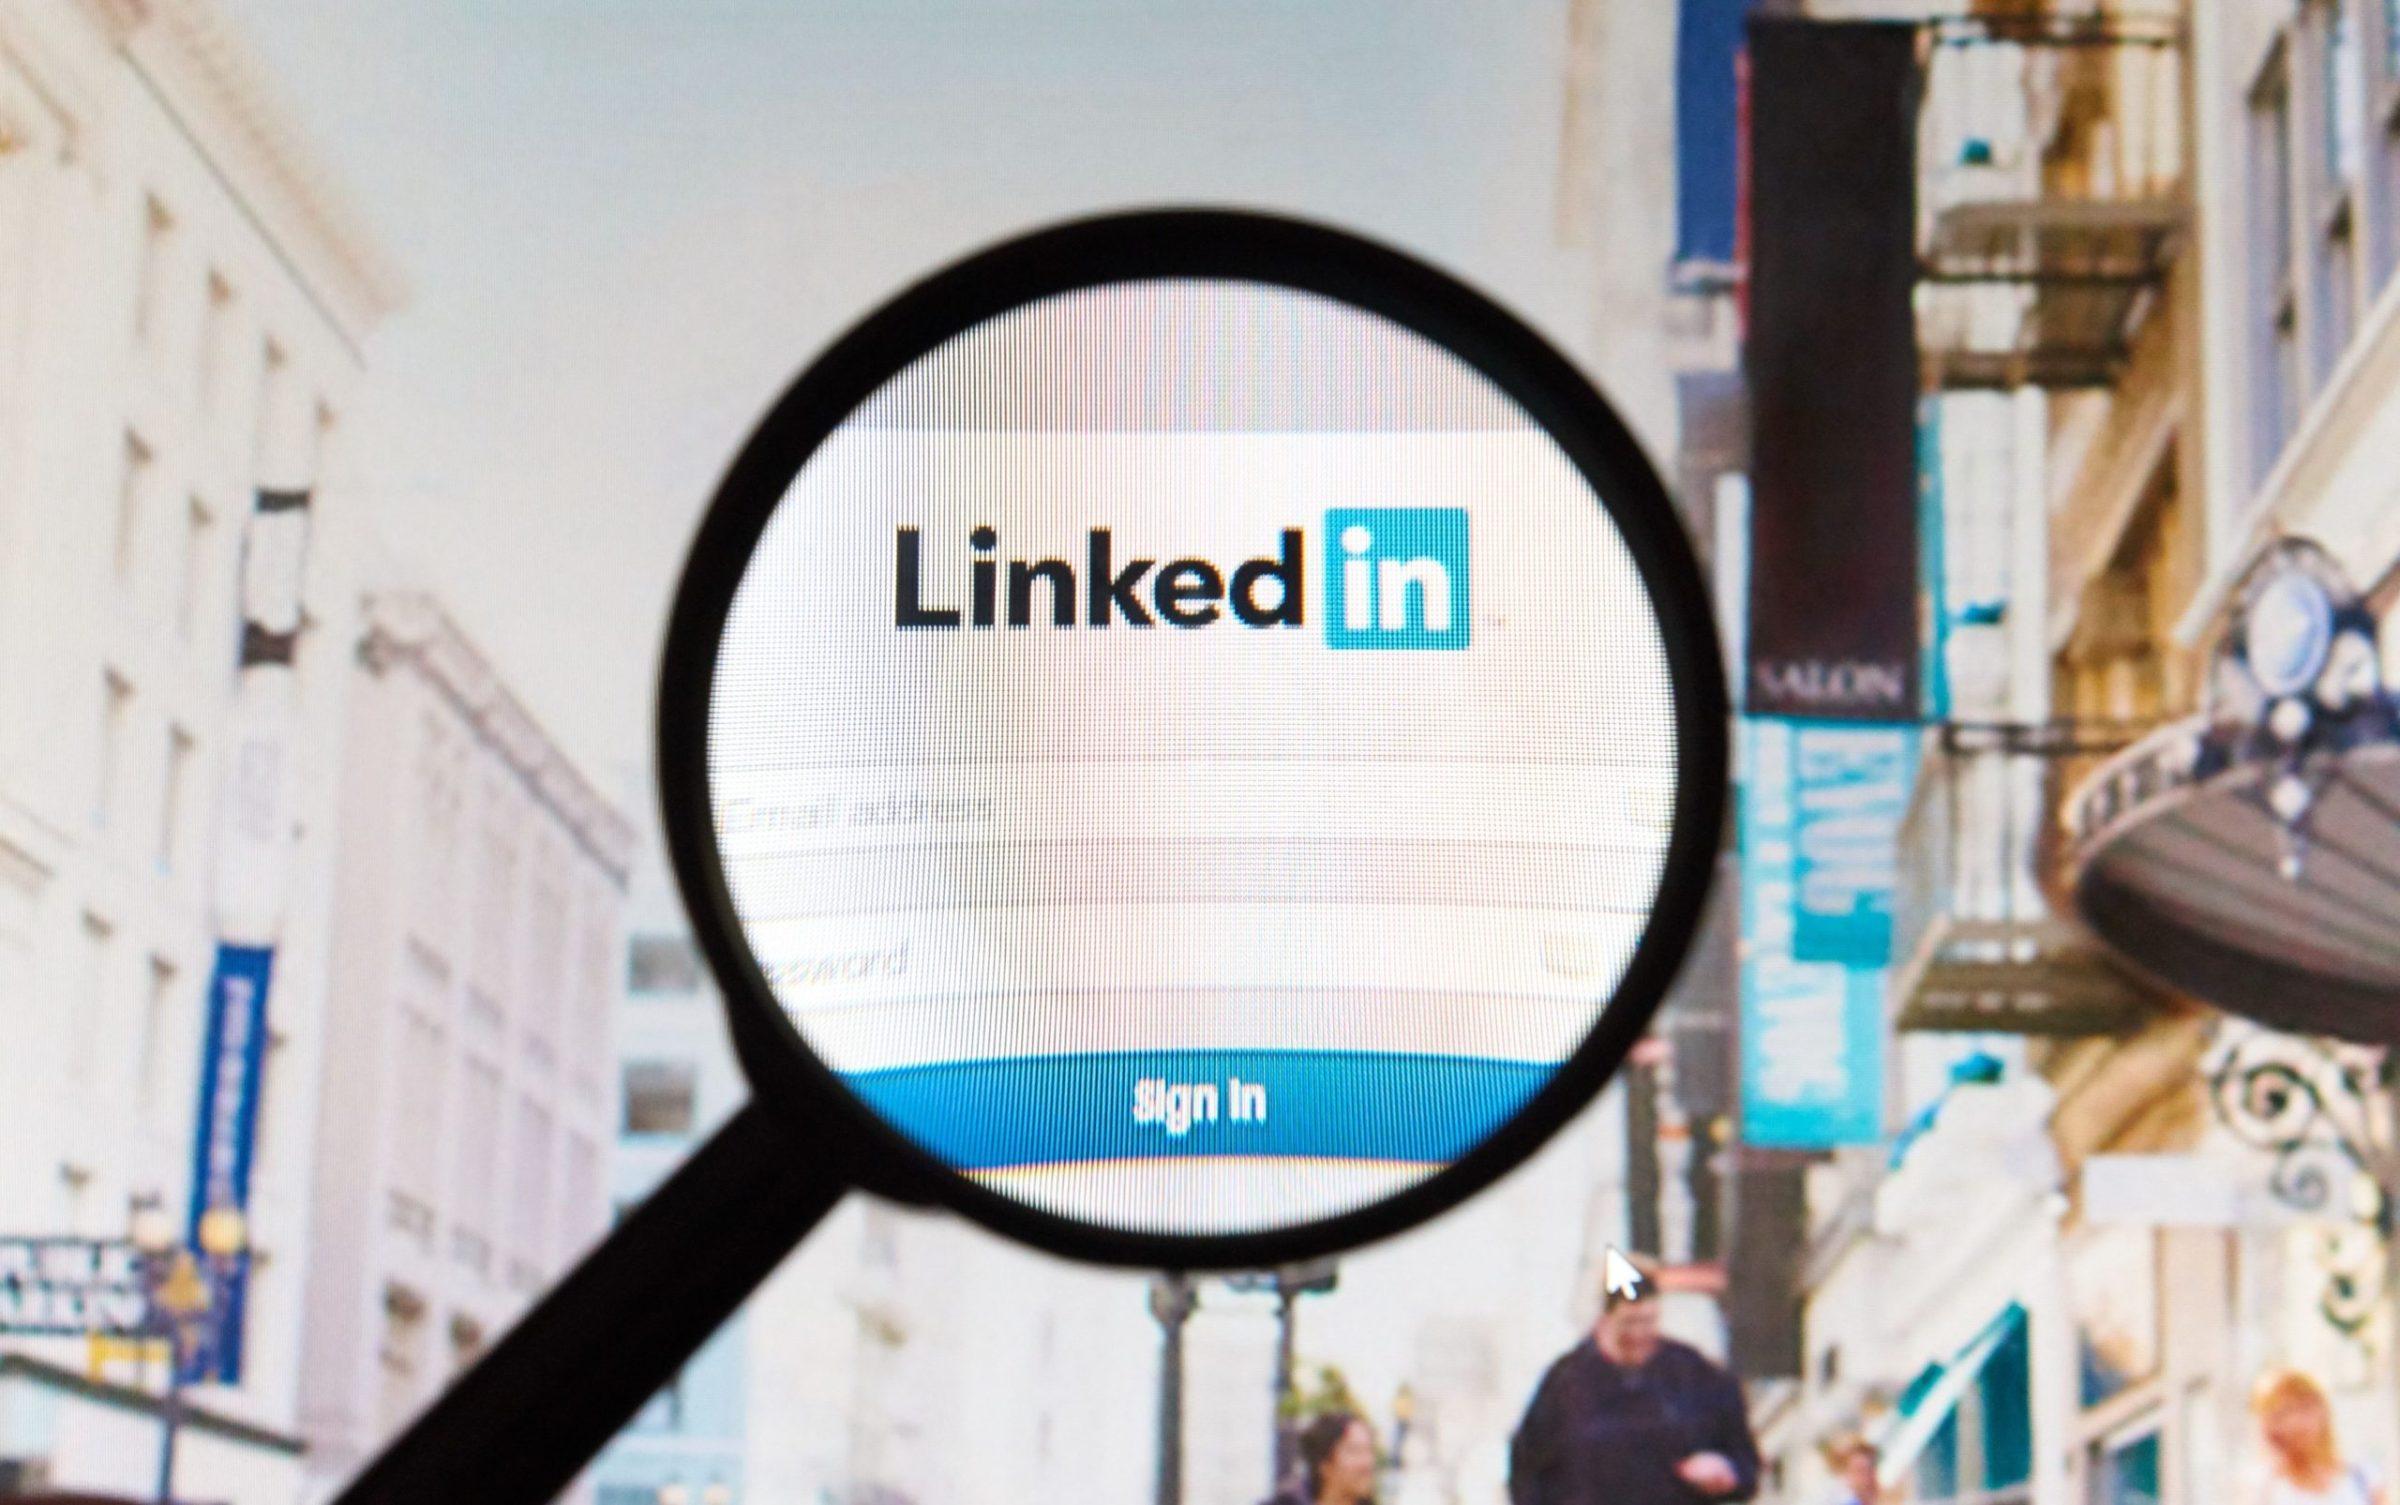 LinkedIn_emgblog_08202020_website